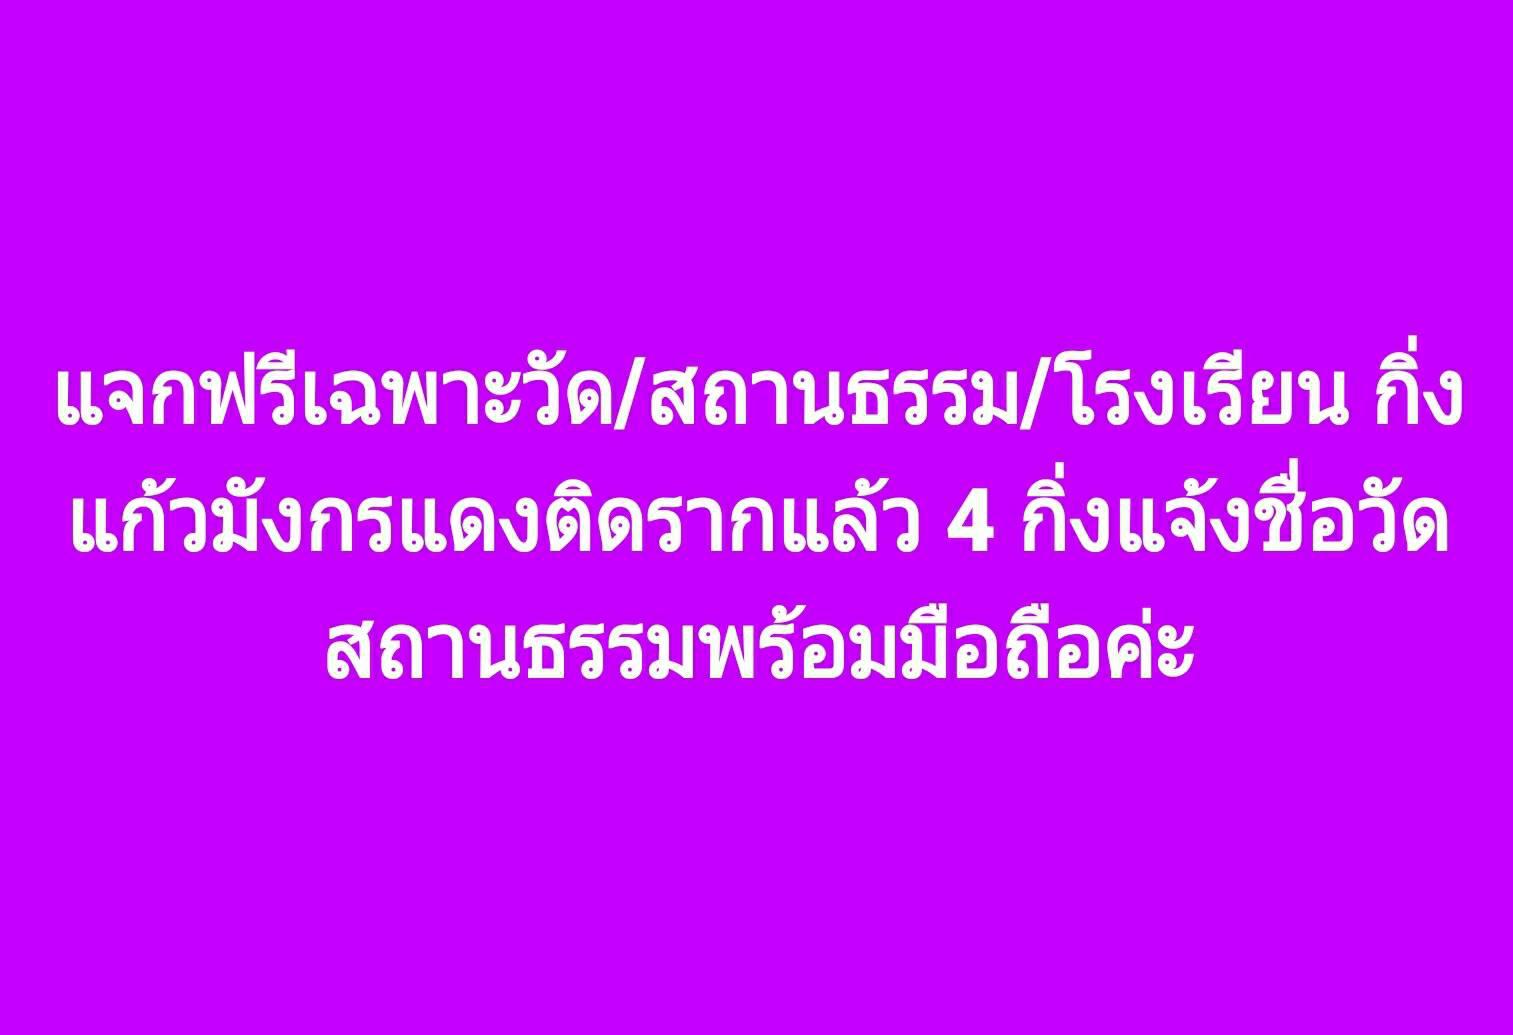 upload_2019-9-11_16-49-59.png